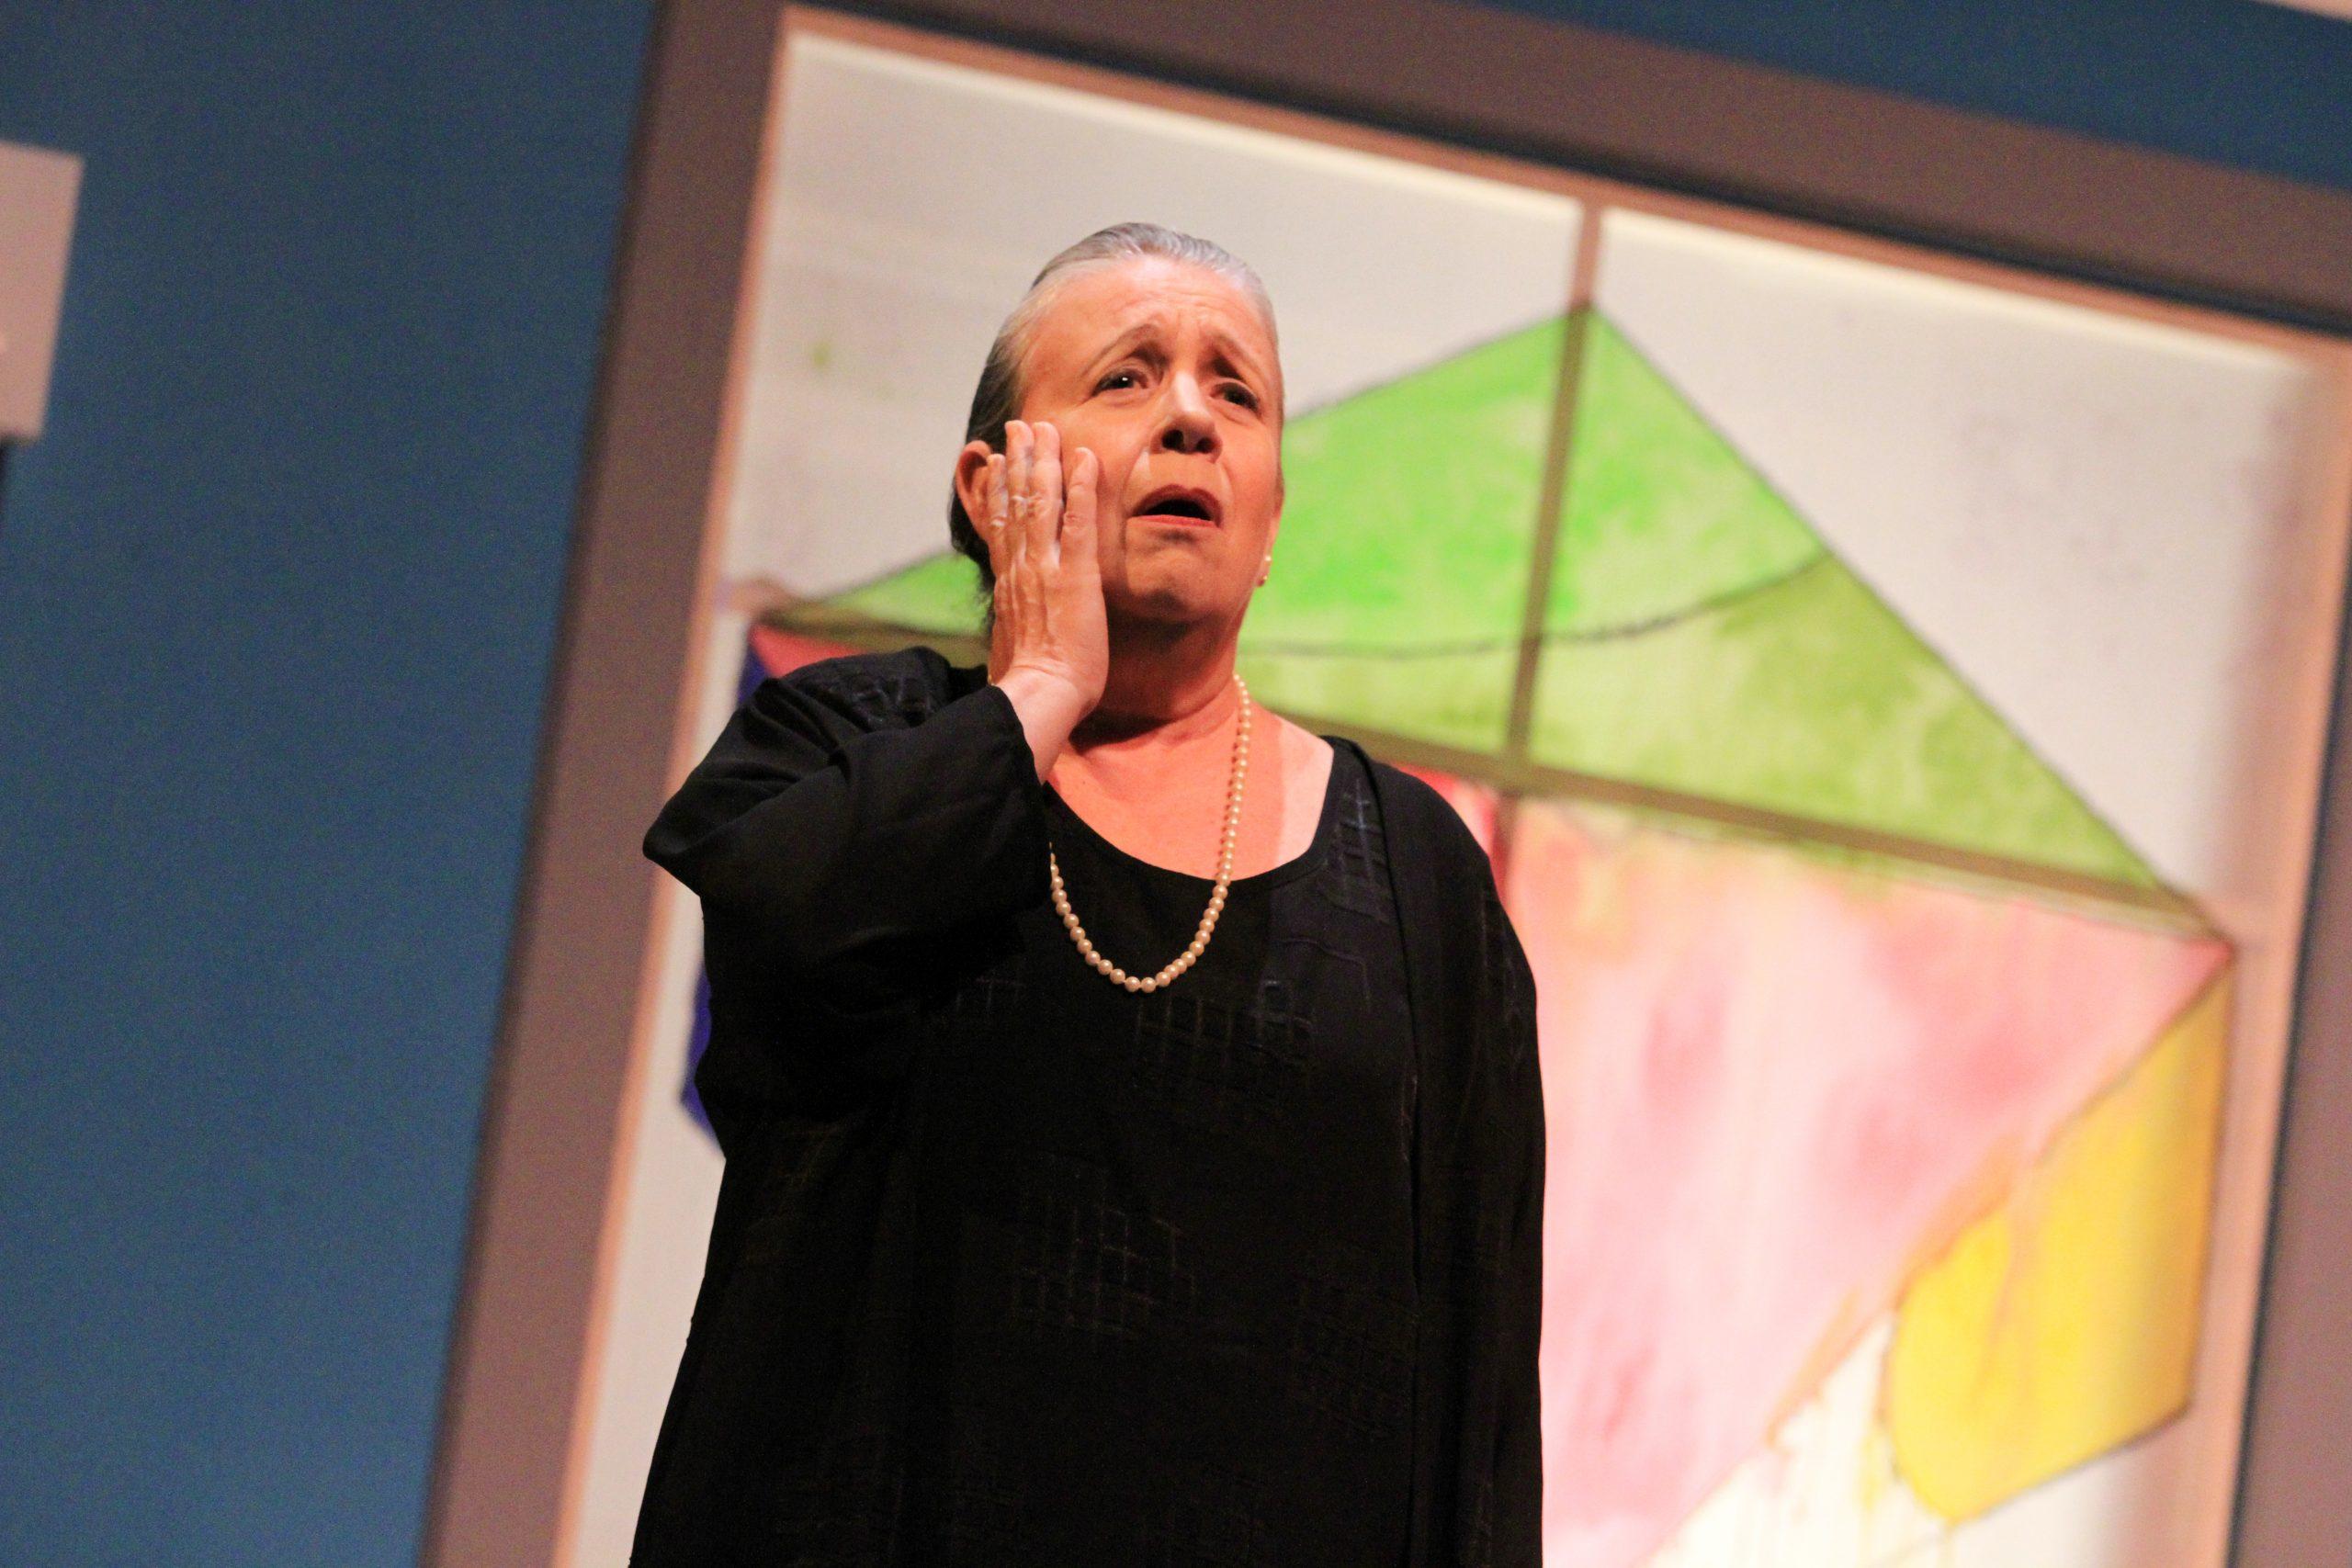 La actriz Georgina Borri ganó aplausos por su actuación. (Foto Cristina Martínez)